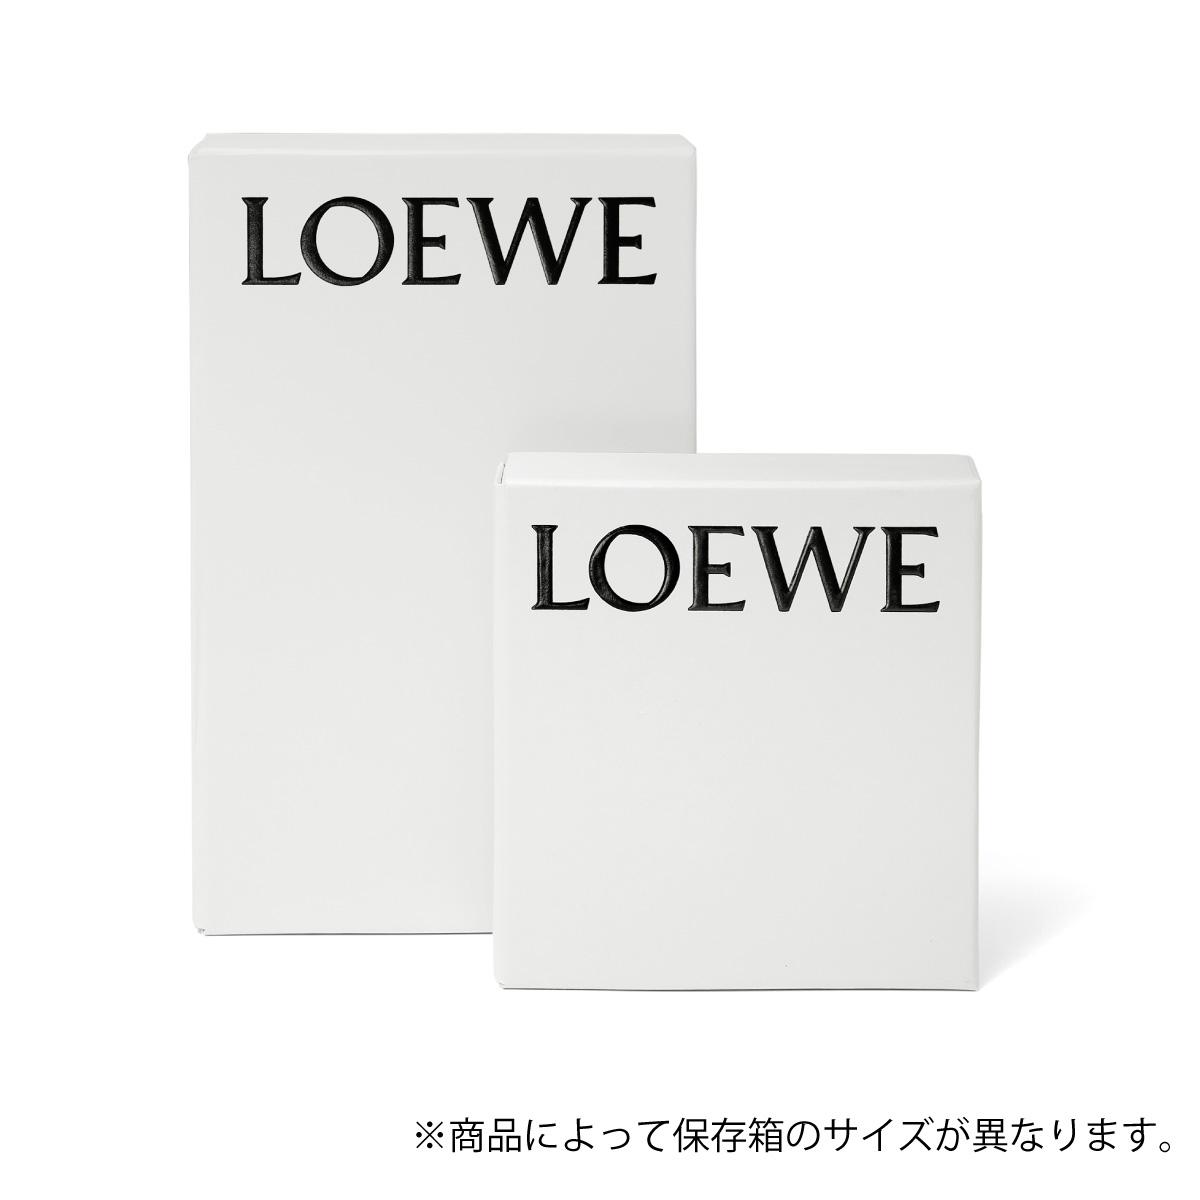 LOEWE ロエベ | カードケース